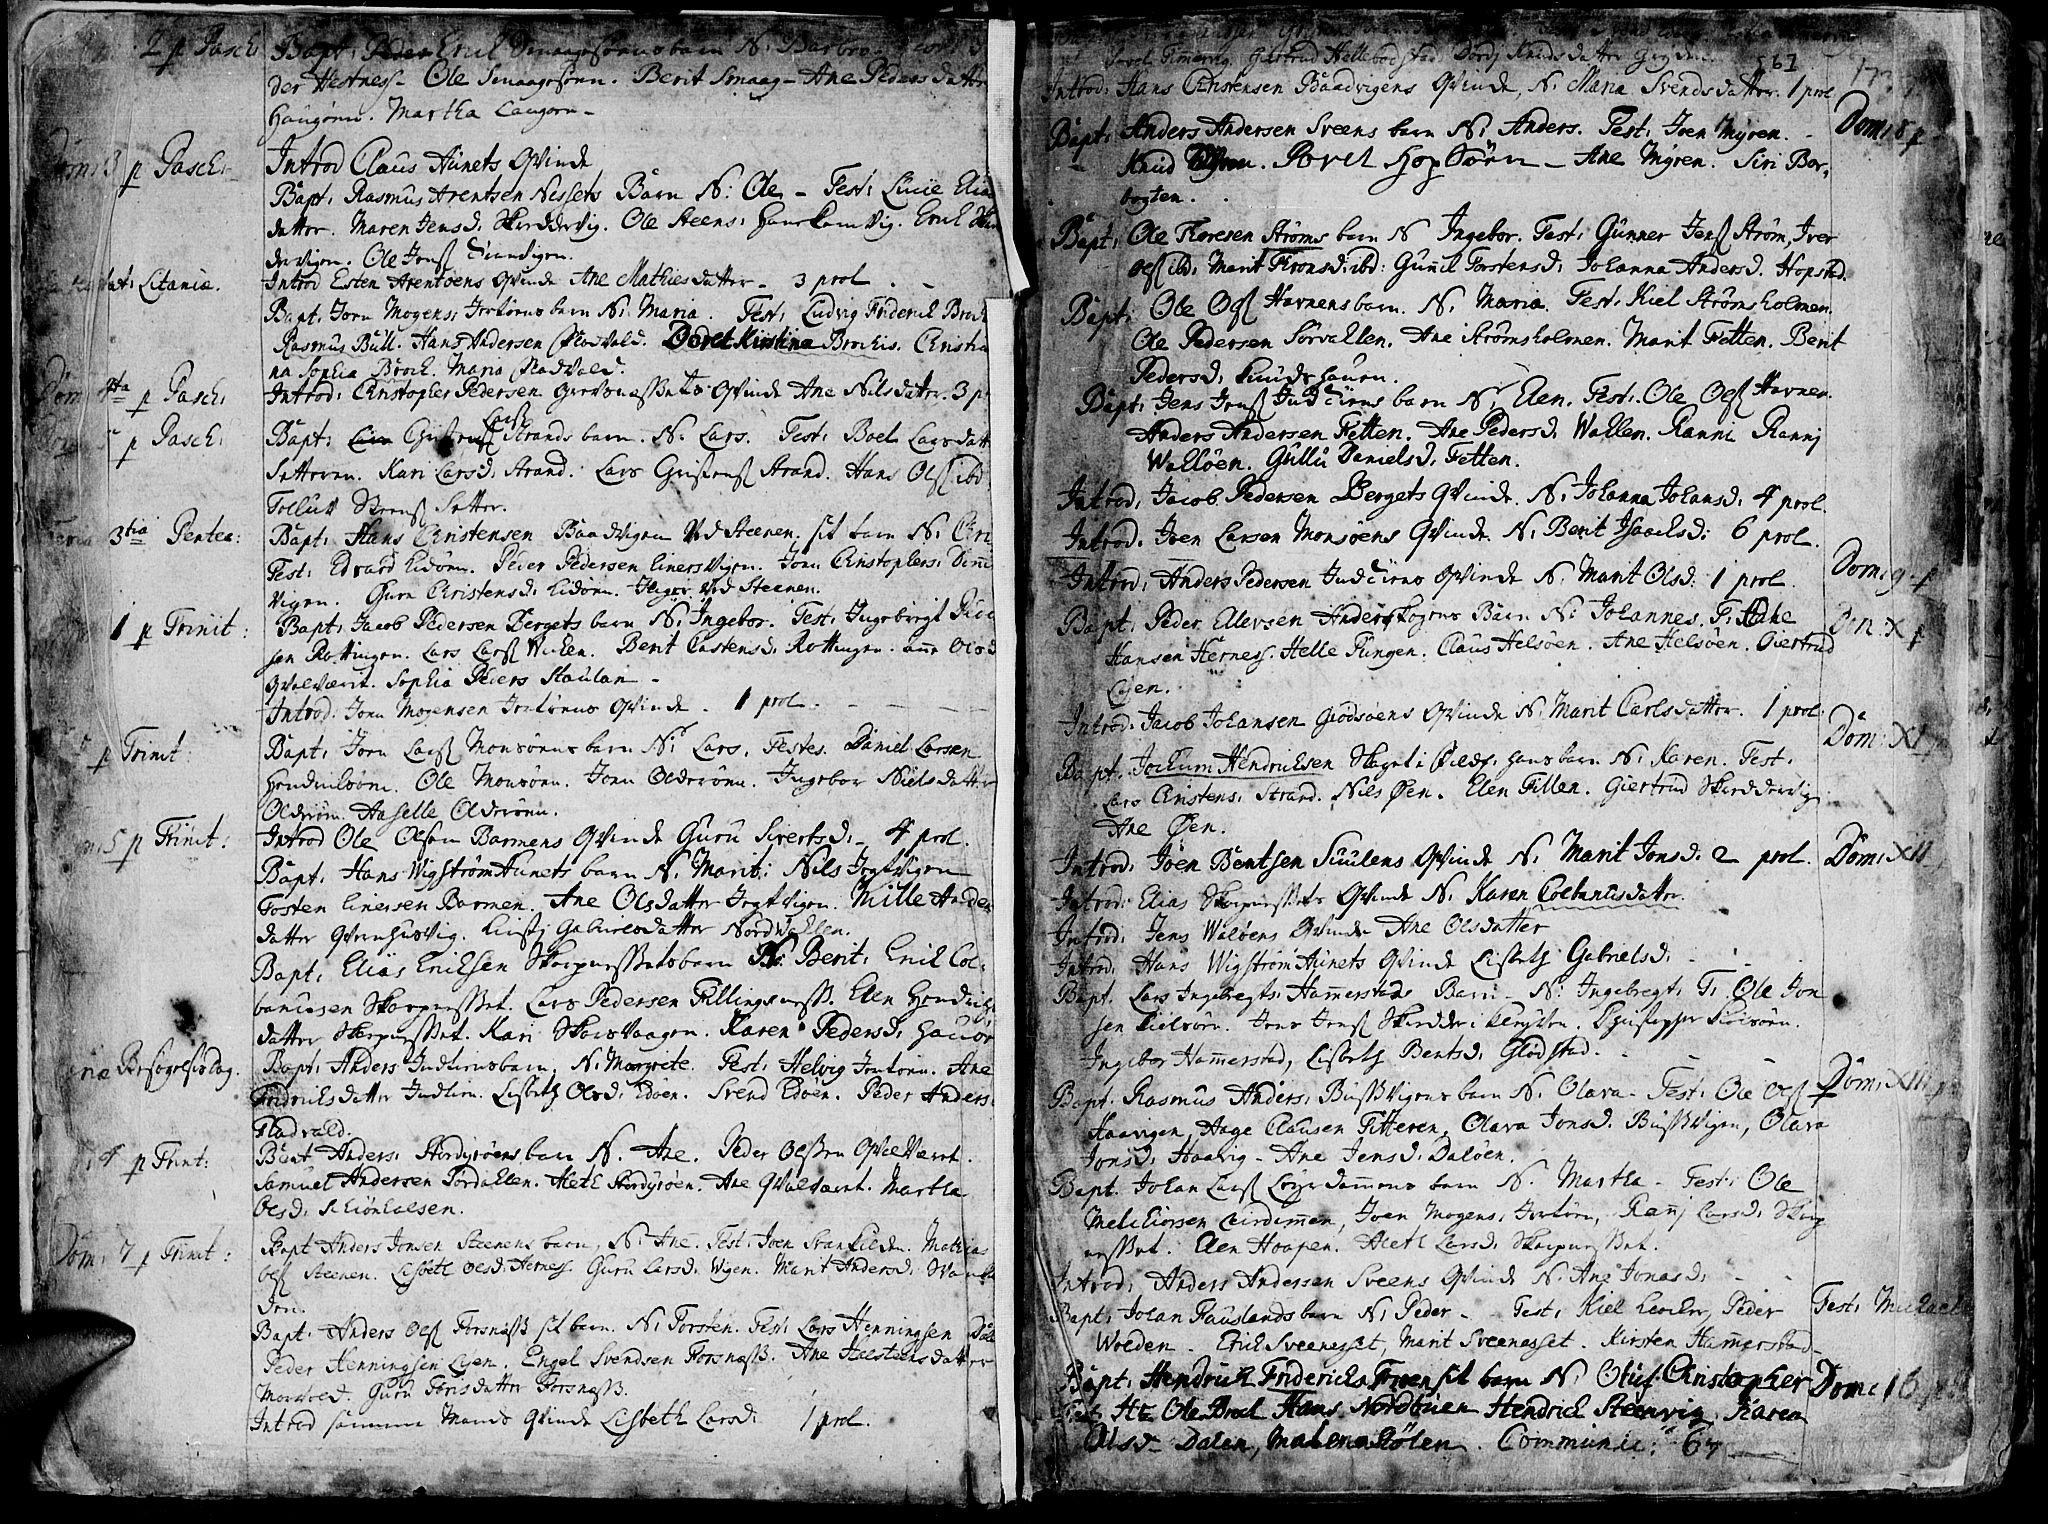 SAT, Ministerialprotokoller, klokkerbøker og fødselsregistre - Sør-Trøndelag, 634/L0525: Ministerialbok nr. 634A01, 1736-1775, s. 6